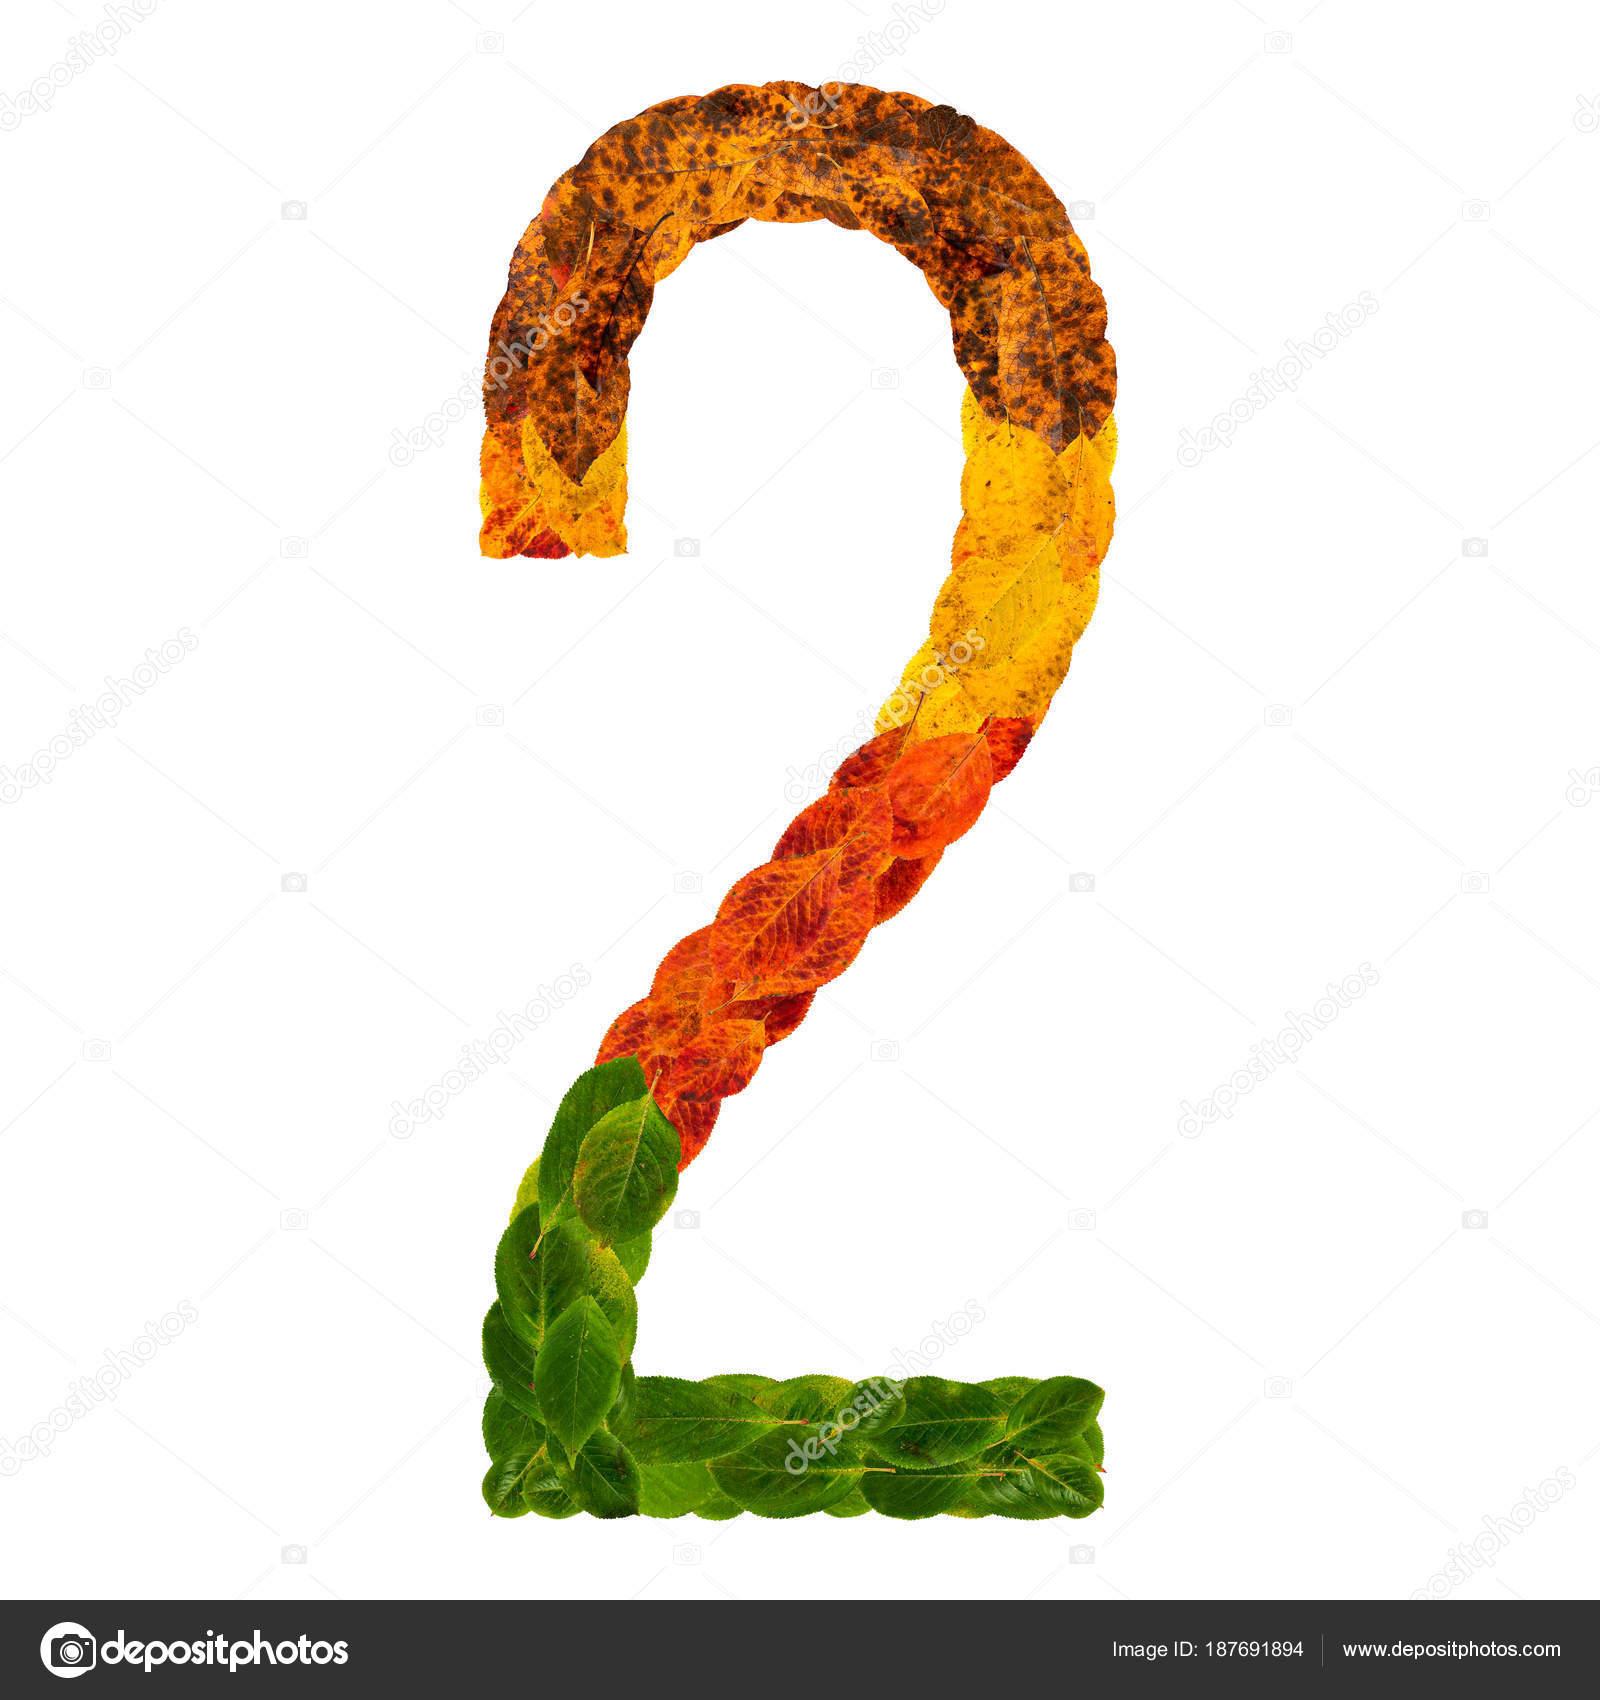 d268b23cd Na podzim listy světlé číslo dvě 2. Přírodní multi vrstvy žijící listy  izolované na bílém pozadí. Barevný charakter písma písmeno abecedy.